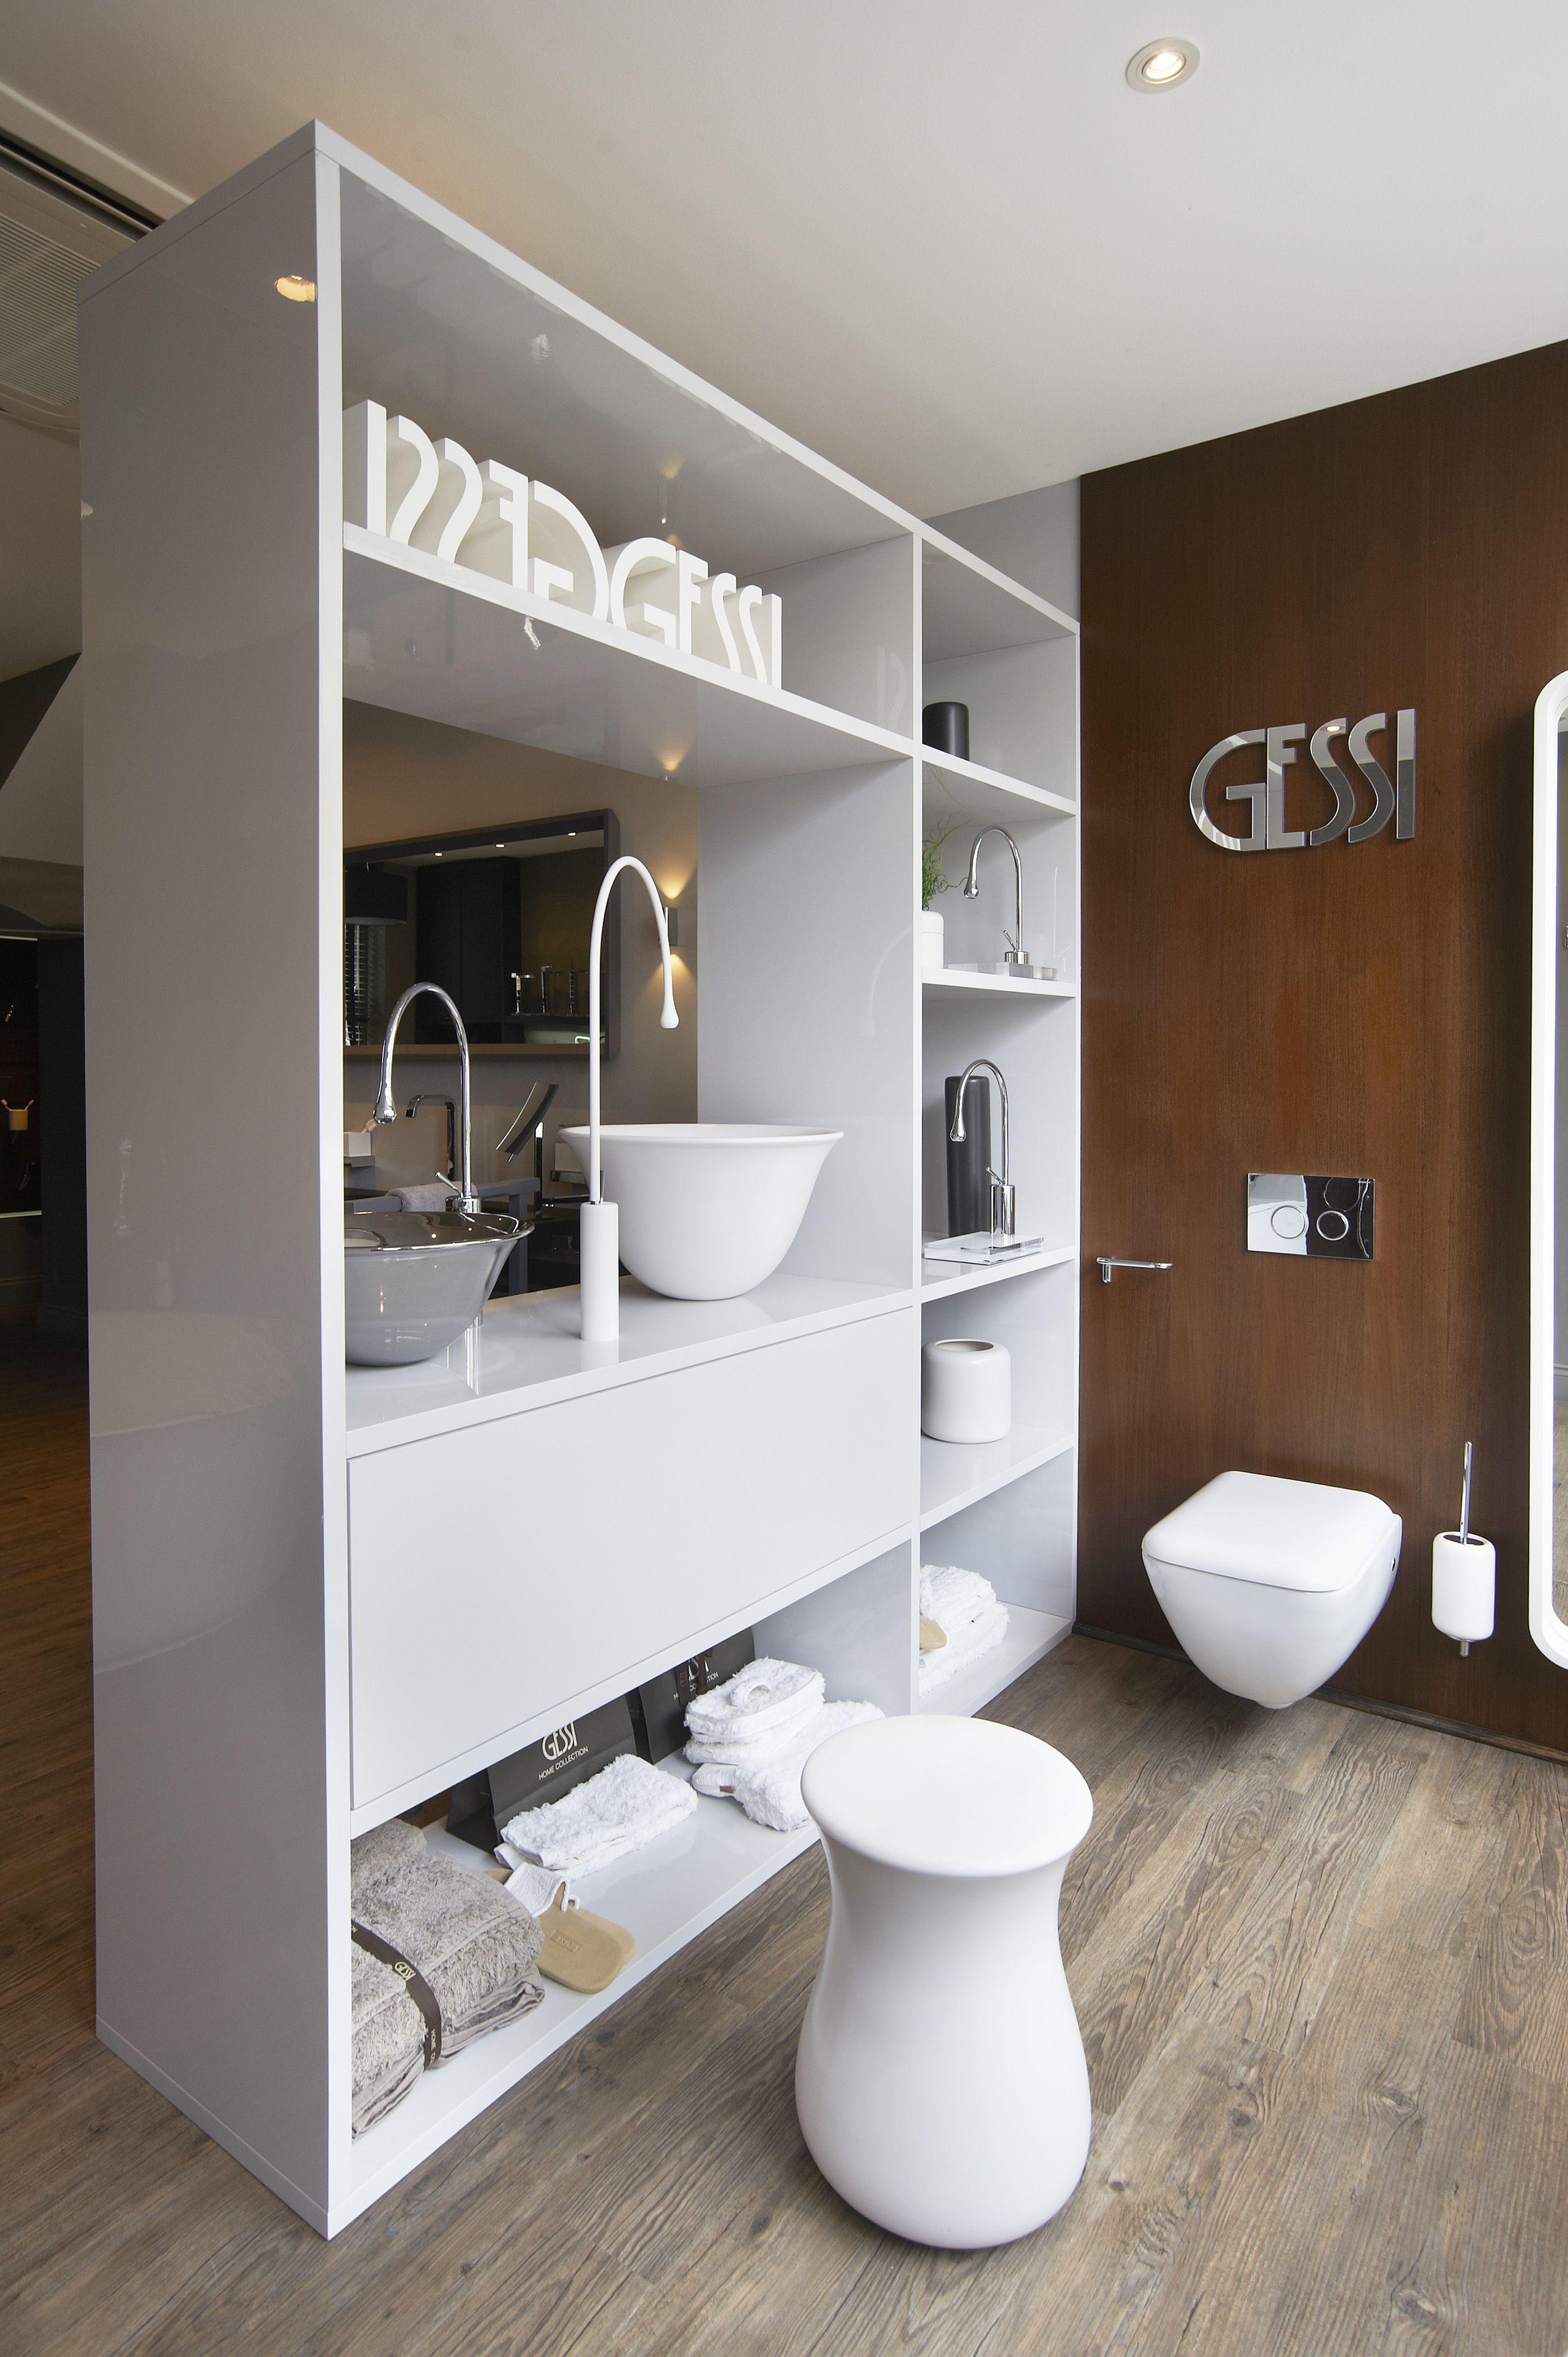 Studio Italiano Showrooms Designer Bathrooms C P Hart Bathroom Showrooms Bathroom Design Bathrooms Remodel